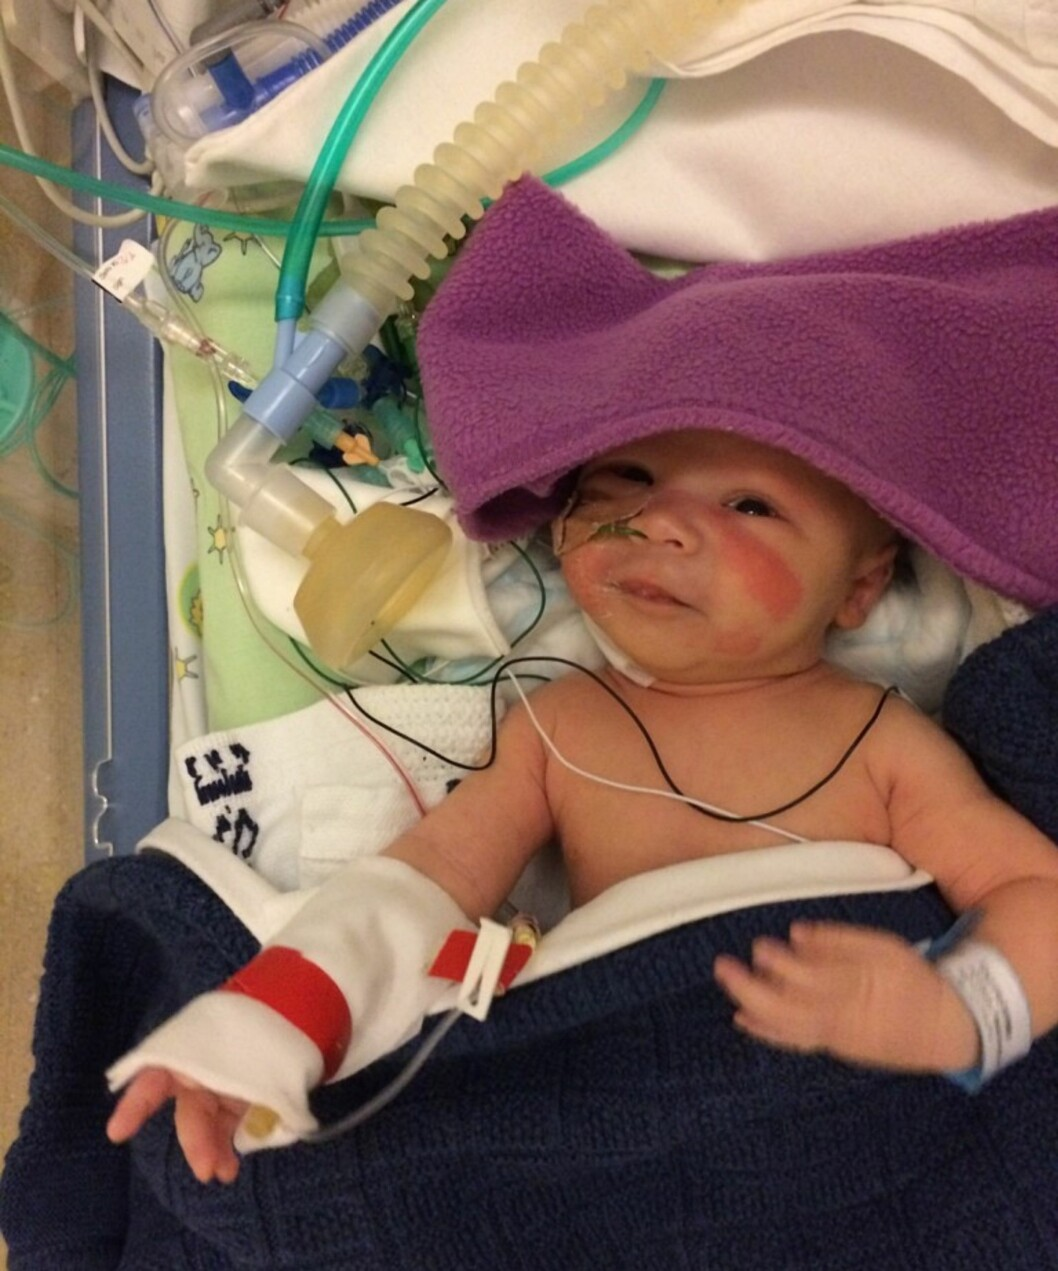 TØFF START PÅ LIVET: Markus var bare 13 dager gammel da han ble operert for kreft. Foto: Privat